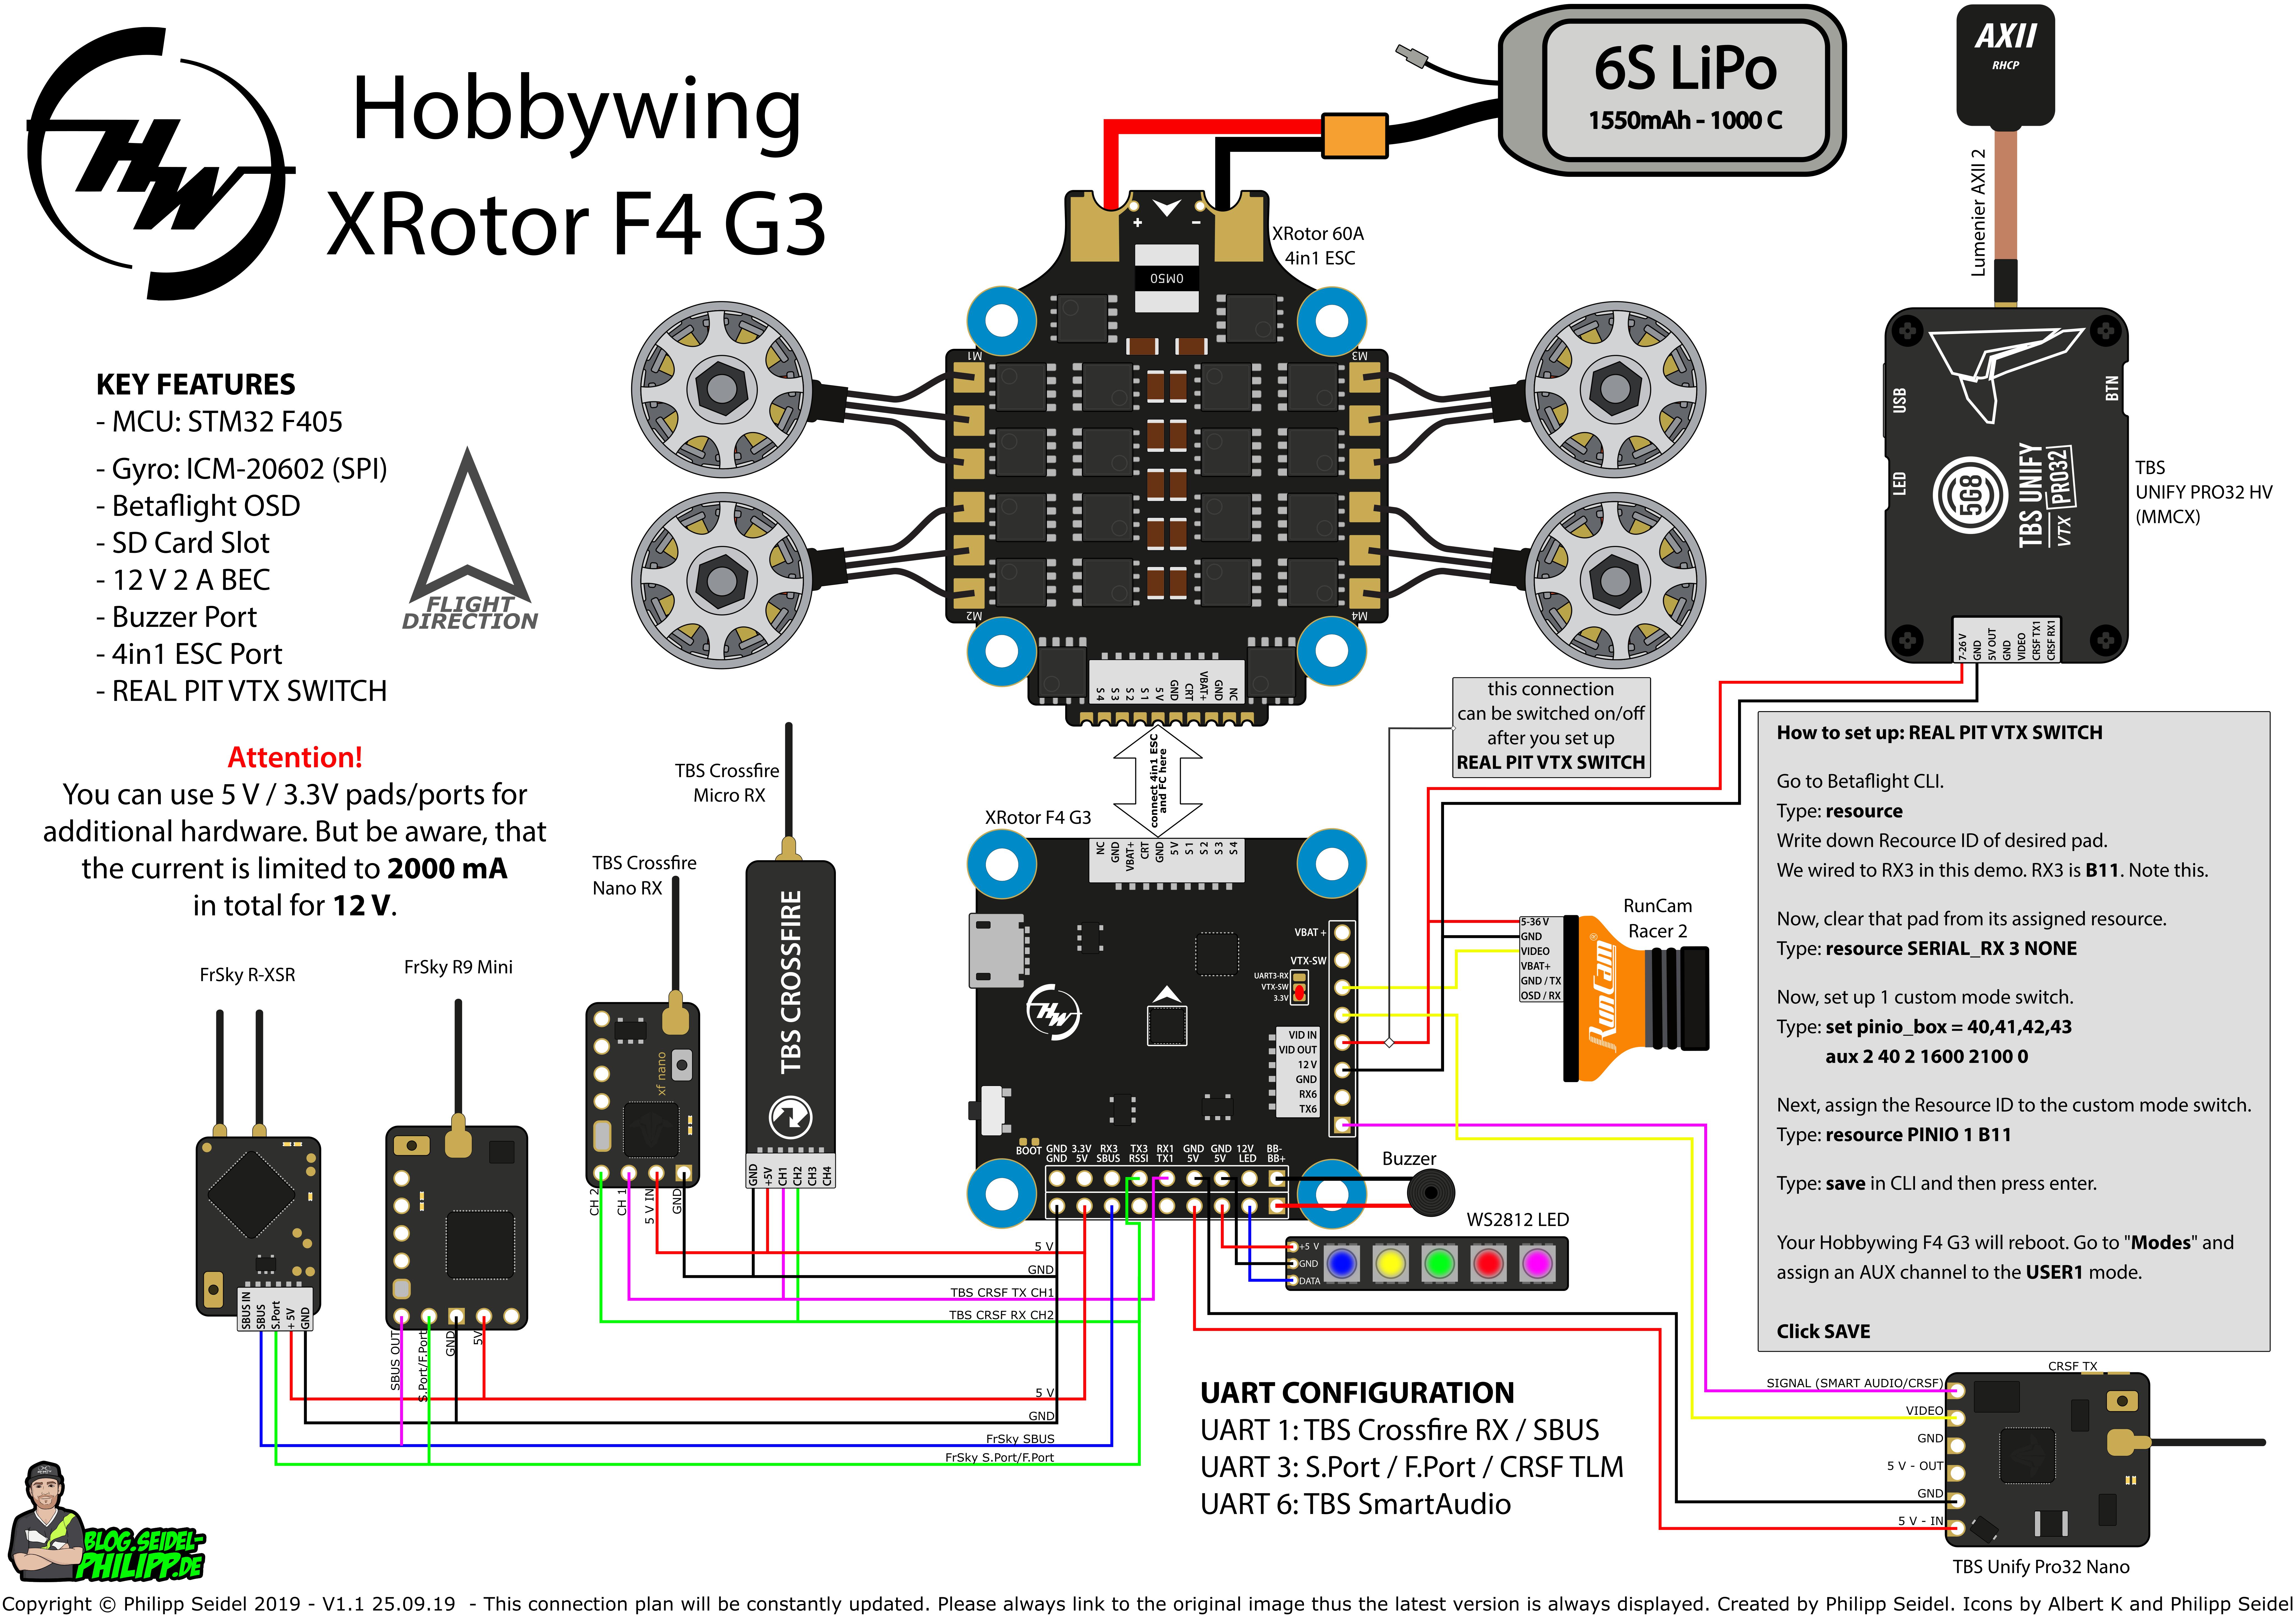 Hobbywing XRotor F4 G3